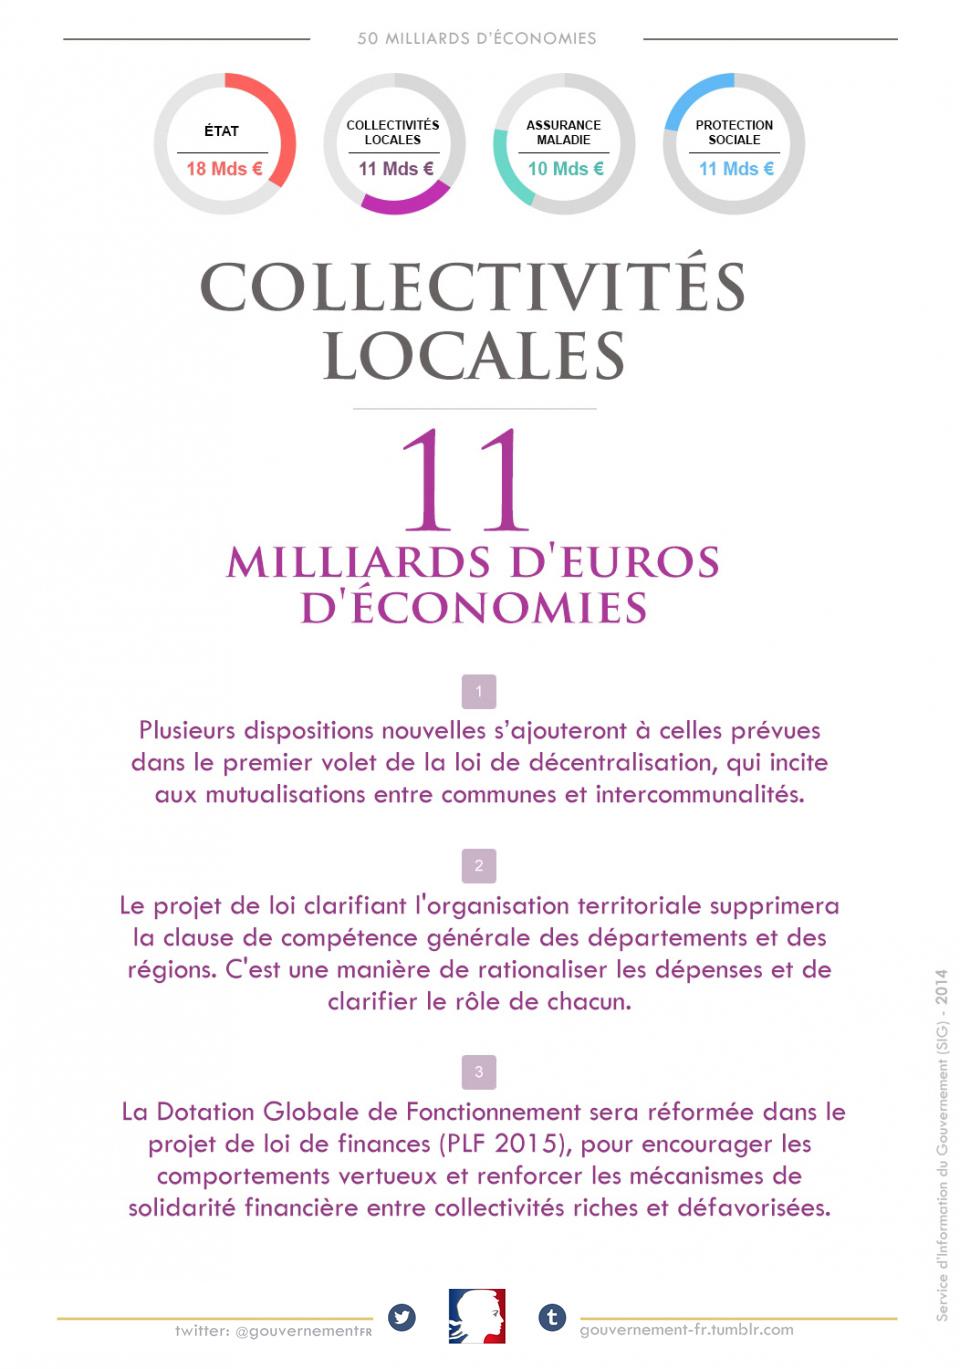 11 milliards d'euros d'économies sur les dépenses des collectivités locales - voir en plus grand